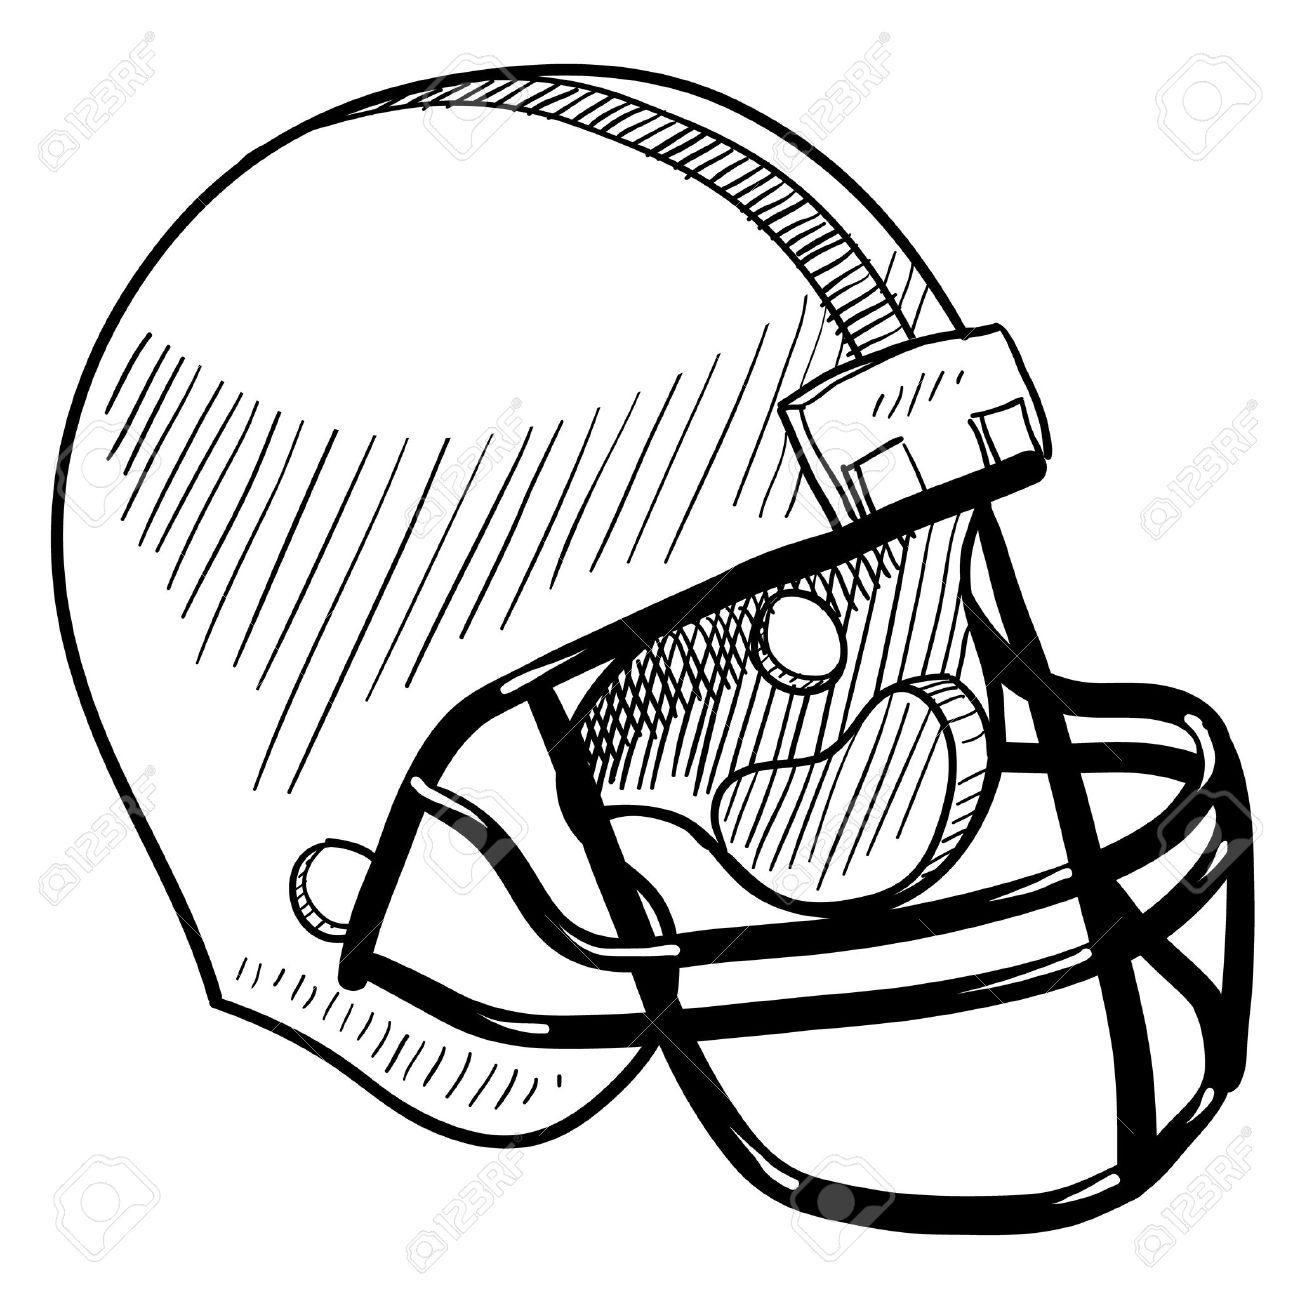 1300x1300 Football Helmet Clip Art